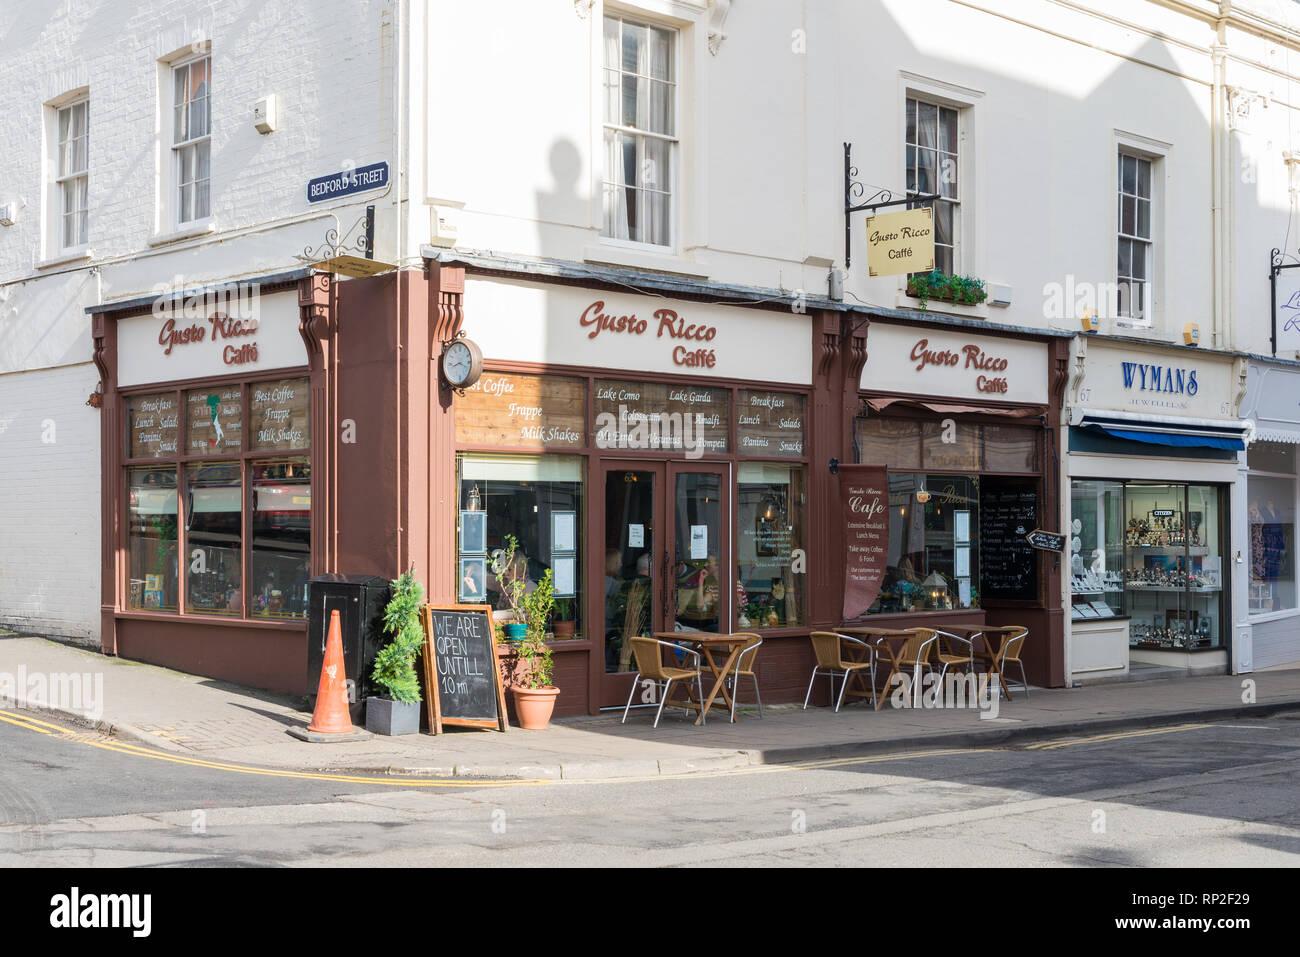 Gusto Rico italienisches Cafe in der Regent Street, Leamington Spa, Warwickshire Stockbild